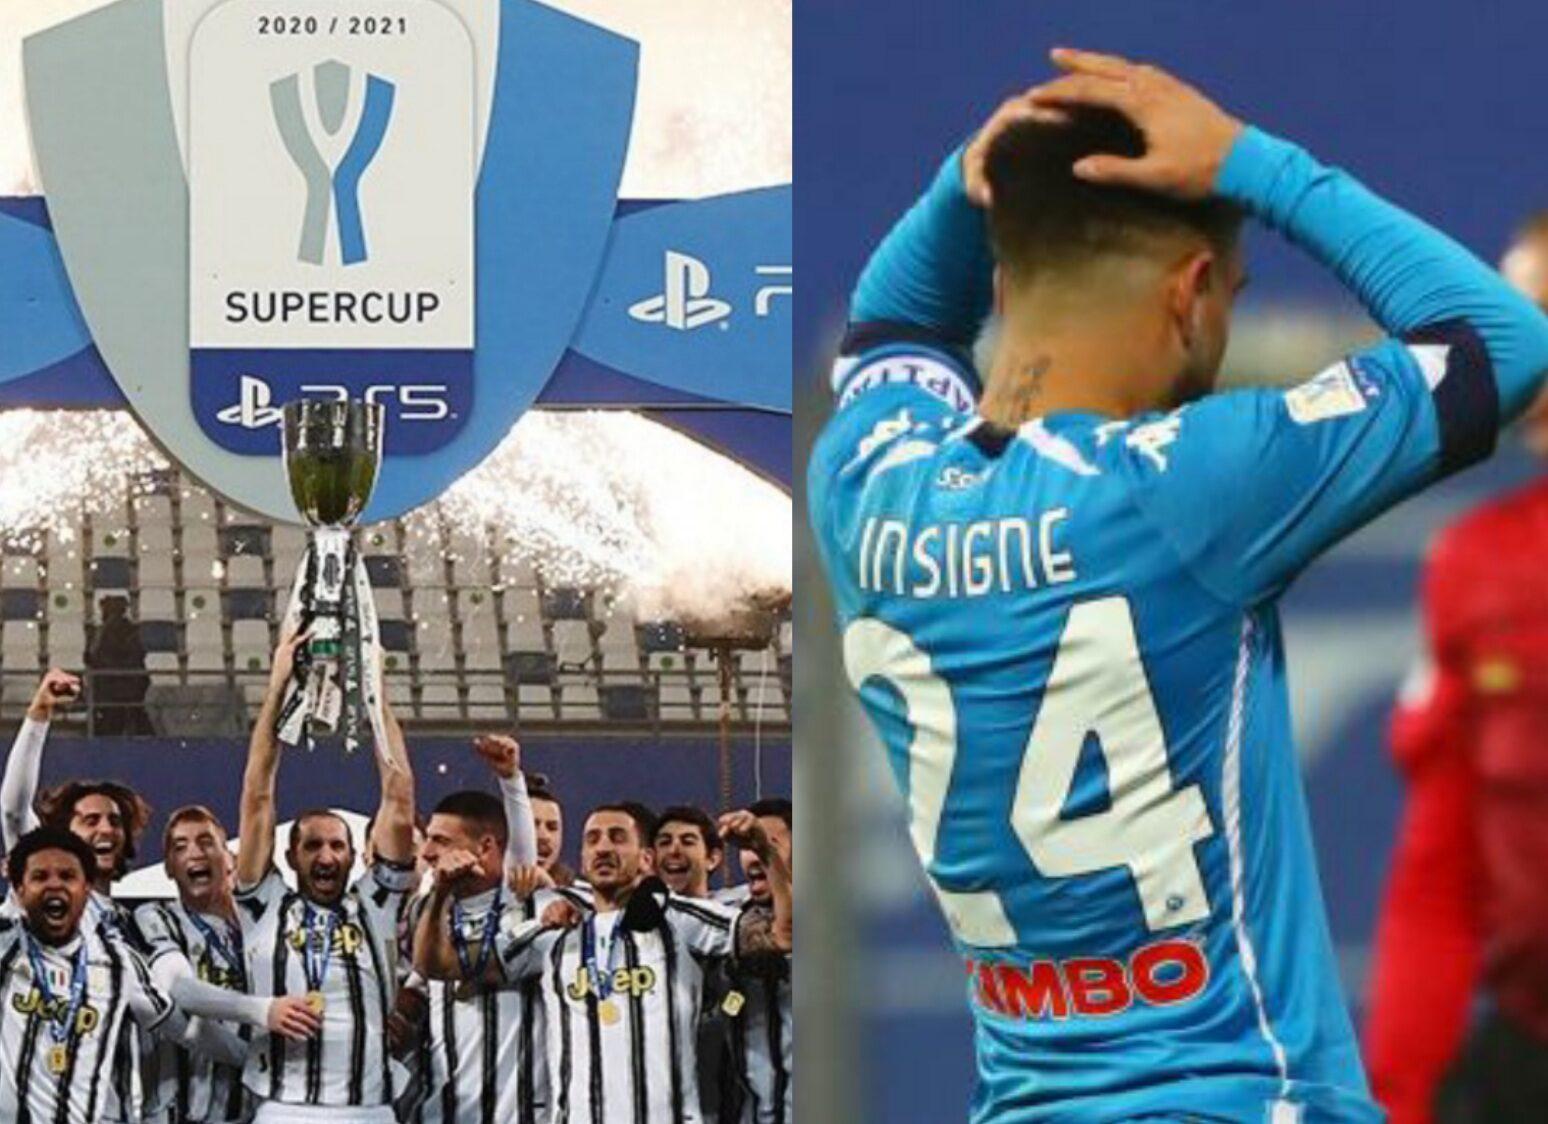 Juventus-Napoli 2-0, Supercoppa ai bianconeri, Insigne sbaglia un rigore